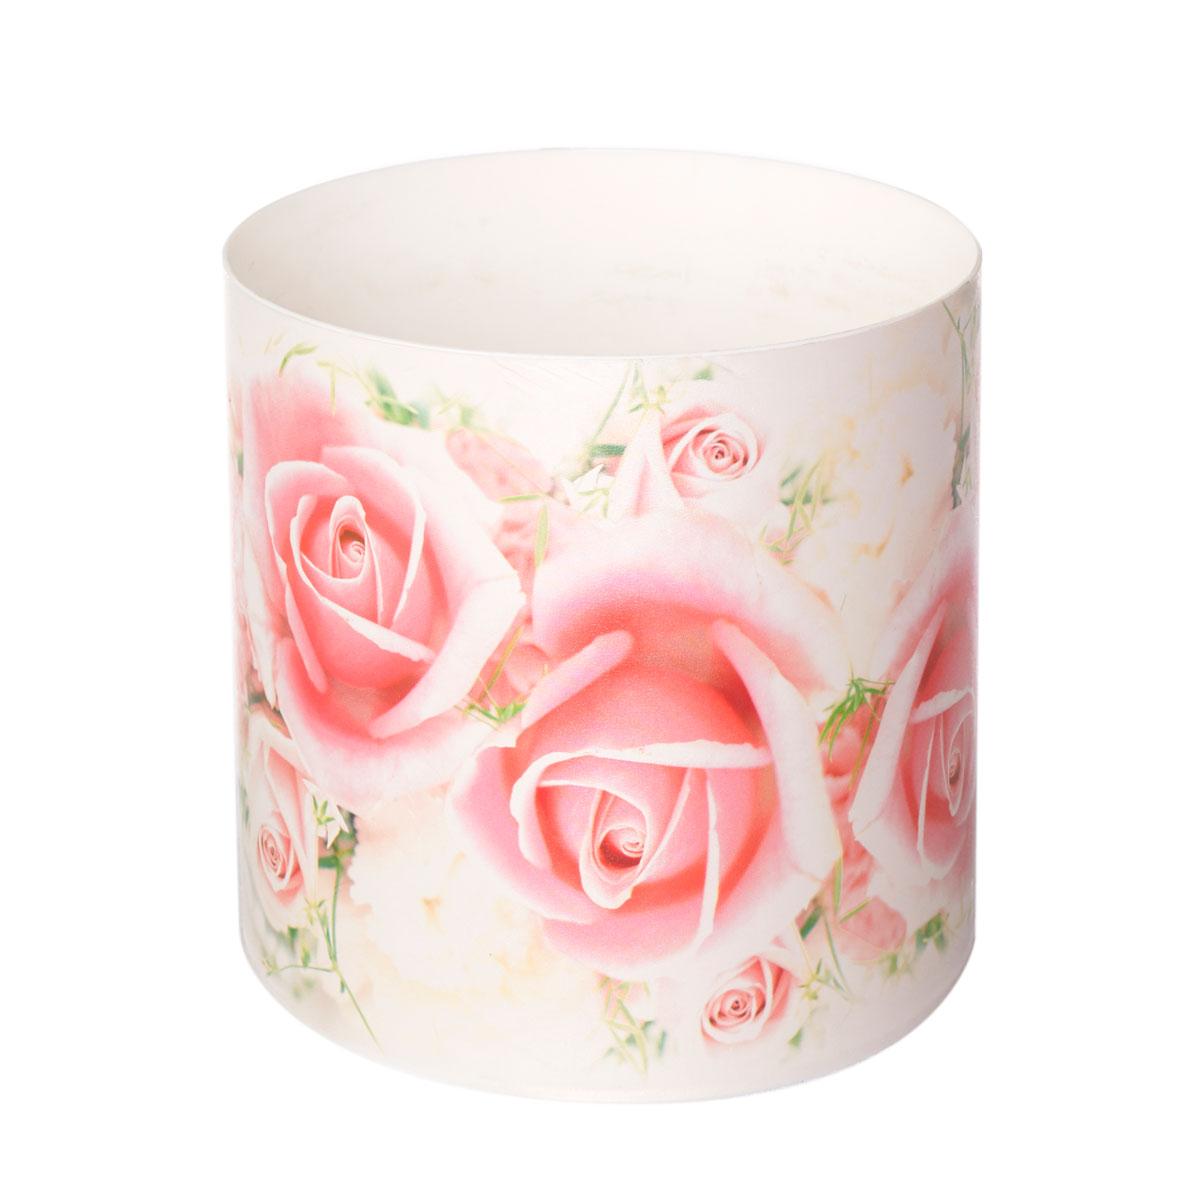 Горшок для цветов Miolla Розы, со скрытым поддоном, 1 лSMG-26Горшок для цветов Miolla Розы со скрытым поддоном выполнен из пластика. Диаметр горшка: 11,5 см. Высота горшка (с учетом поддона): 11,5 см. Объем горшка: 1 л.